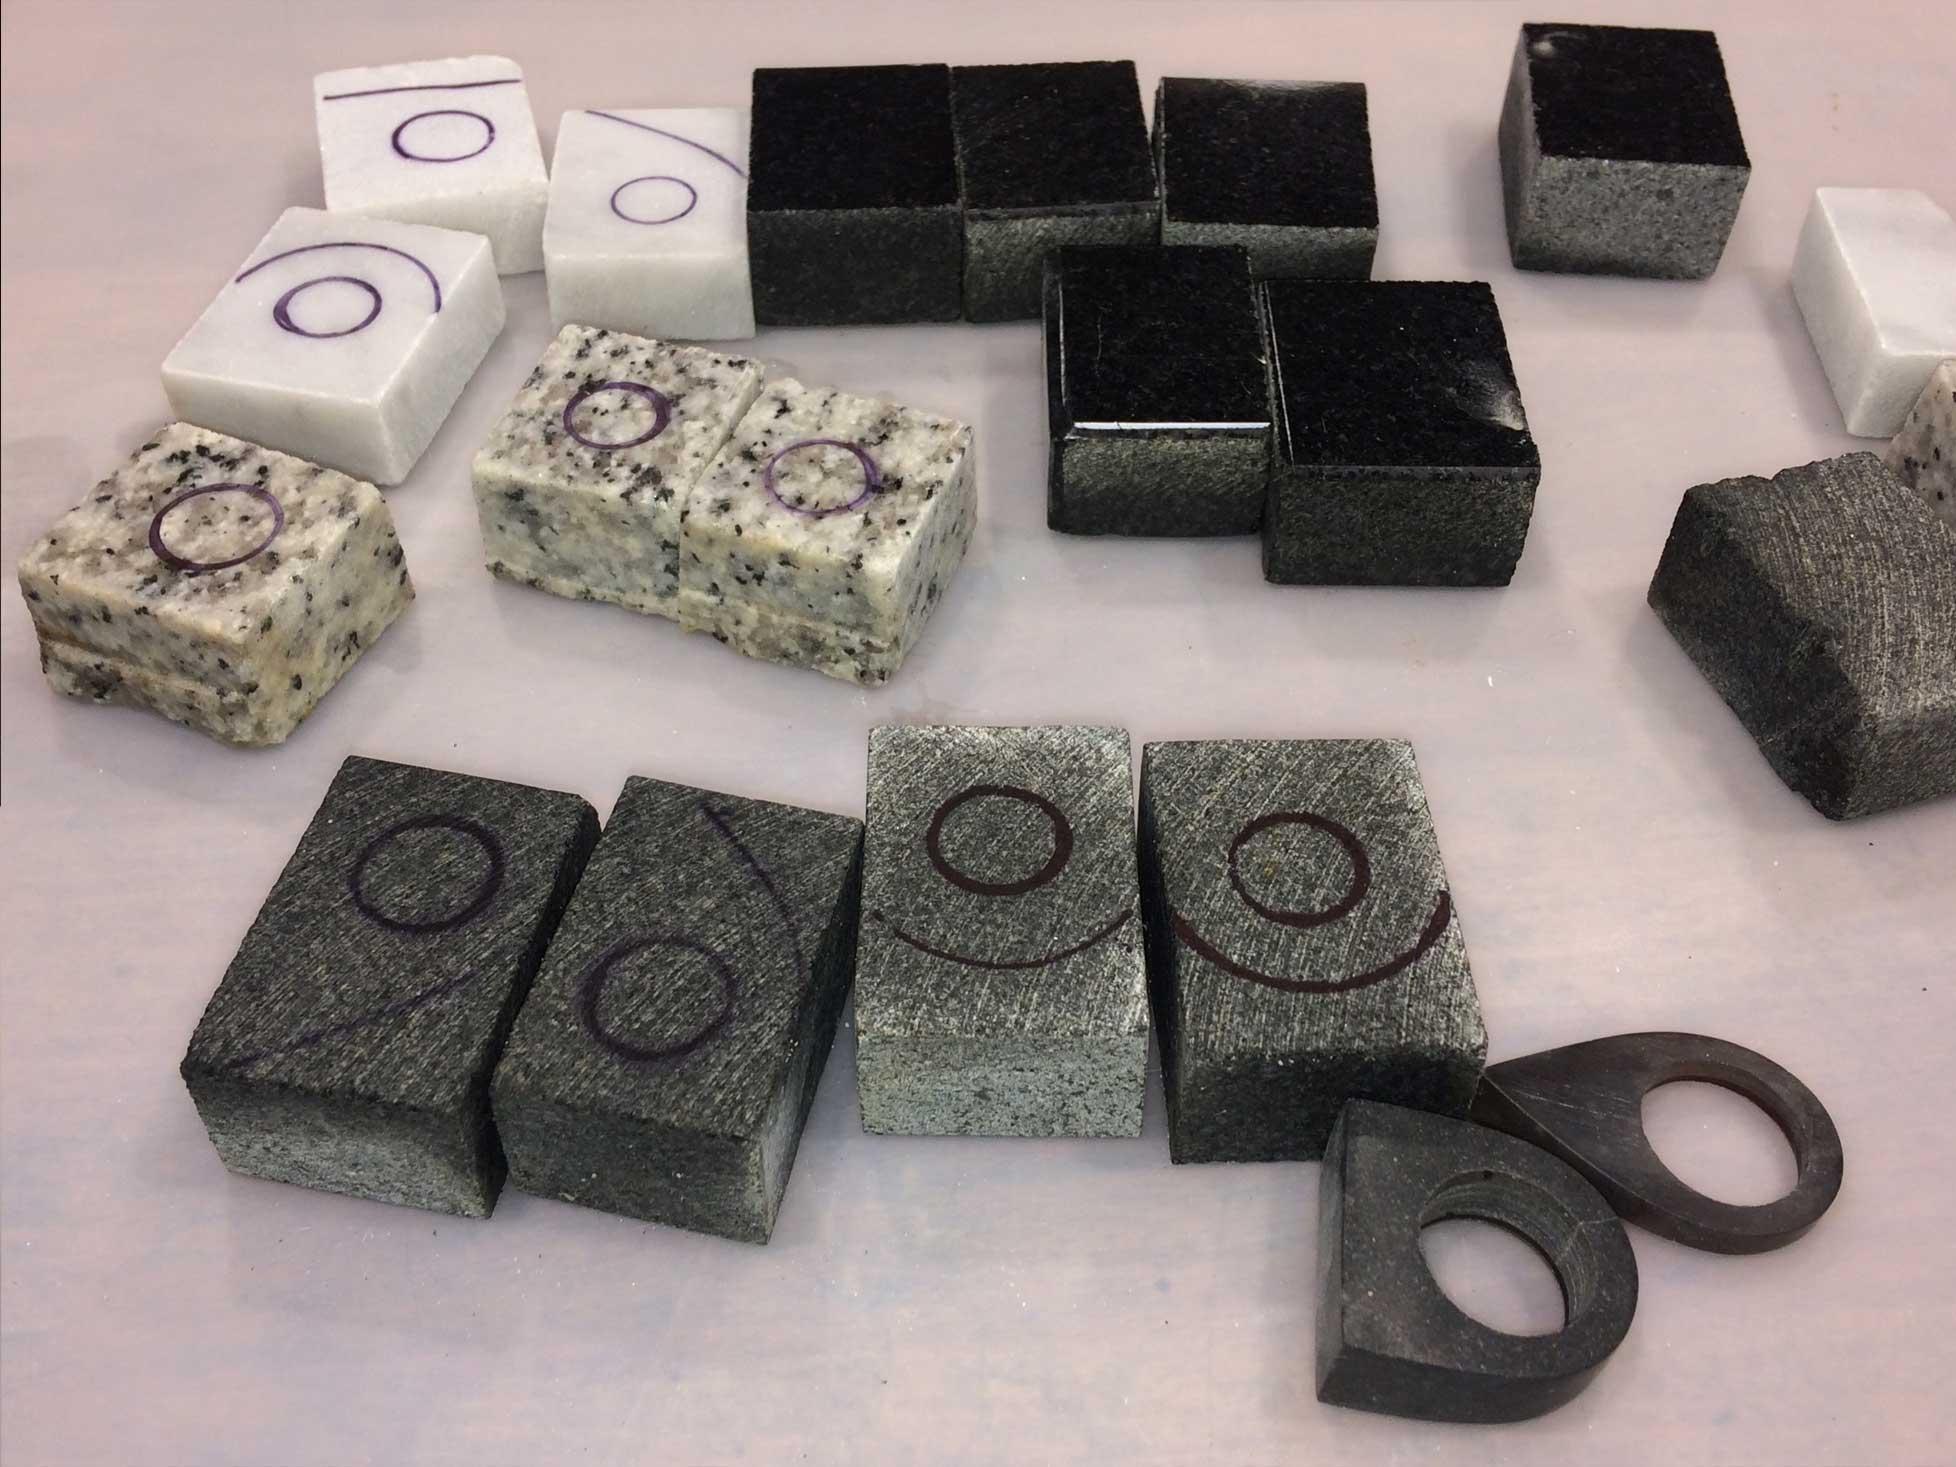 Produktudvikling og Industrielt Design Fremstilling af prototyper af smykker i sten og ædelsten 5